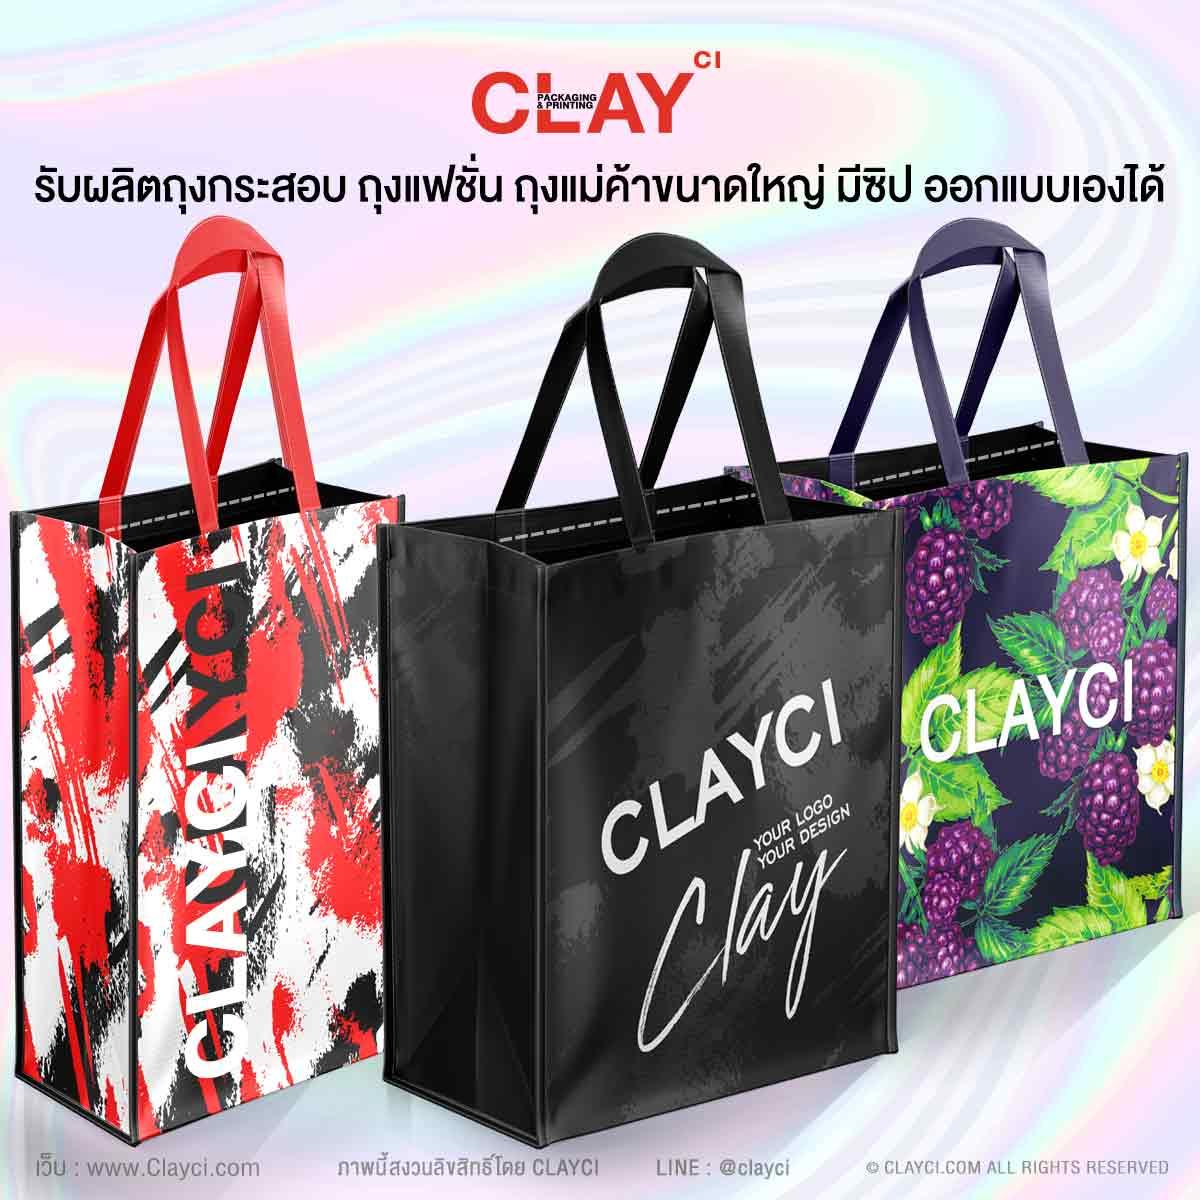 Clayci โรงงานรับผลิตถุงกระสอบ โรงงานรับผลิตถุงแม่ค้า โรงงานรับผลิตถุงยักษ์ รับผลิตถุง Paris Newyork โรงงานรับผลิตถุงส่งไปรษณีย์ โรงงานรับผลิตถุงแฟชั่น รับผลิตถุง รับผลิตถุงผ้ากระสอบ เราเป็น ผลิต กระเป๋า กระสอบ โรงงาน ผลิต ถุงบิ๊ก แบ็ก โรงงานรับผลิตถุงจัมโบ้ Jumbo big bag ถุงเปิดปาก ถุงแม่ค้าขนาดใหญ่ ถุงแม่ค้าซื้อที่ไหน ถุง PARIS ซื้อที่ไหน ถุง NEWYORK ซื้อที่ไหน ถุงสายรุ้งถุงแม่ค้า ถุงสายรุ้งแฟชั่น ถุงสายรุ้งจตุจักร ถุง สายรุ้งขนาดใหญ่ ถุง กระสอบขนาดใหญ่ ซื้อถุงขนาดใหญ่ ถุงกระสอบแม็คโคร ถุงกระสอบไนลอน ถุงกระสอบผ้า ถุงกระสอบฟาง ถุงกระสอบไนลอนซื้อที่ไหน ถุงกระสอบลายการ์ตูนสําเพ็ง ถุงกระสอบสายรุ้ง ถุงกระสอบล้อลาก ถุงสายรุ้งราคา ถุงสายรุ้งมีล้อ